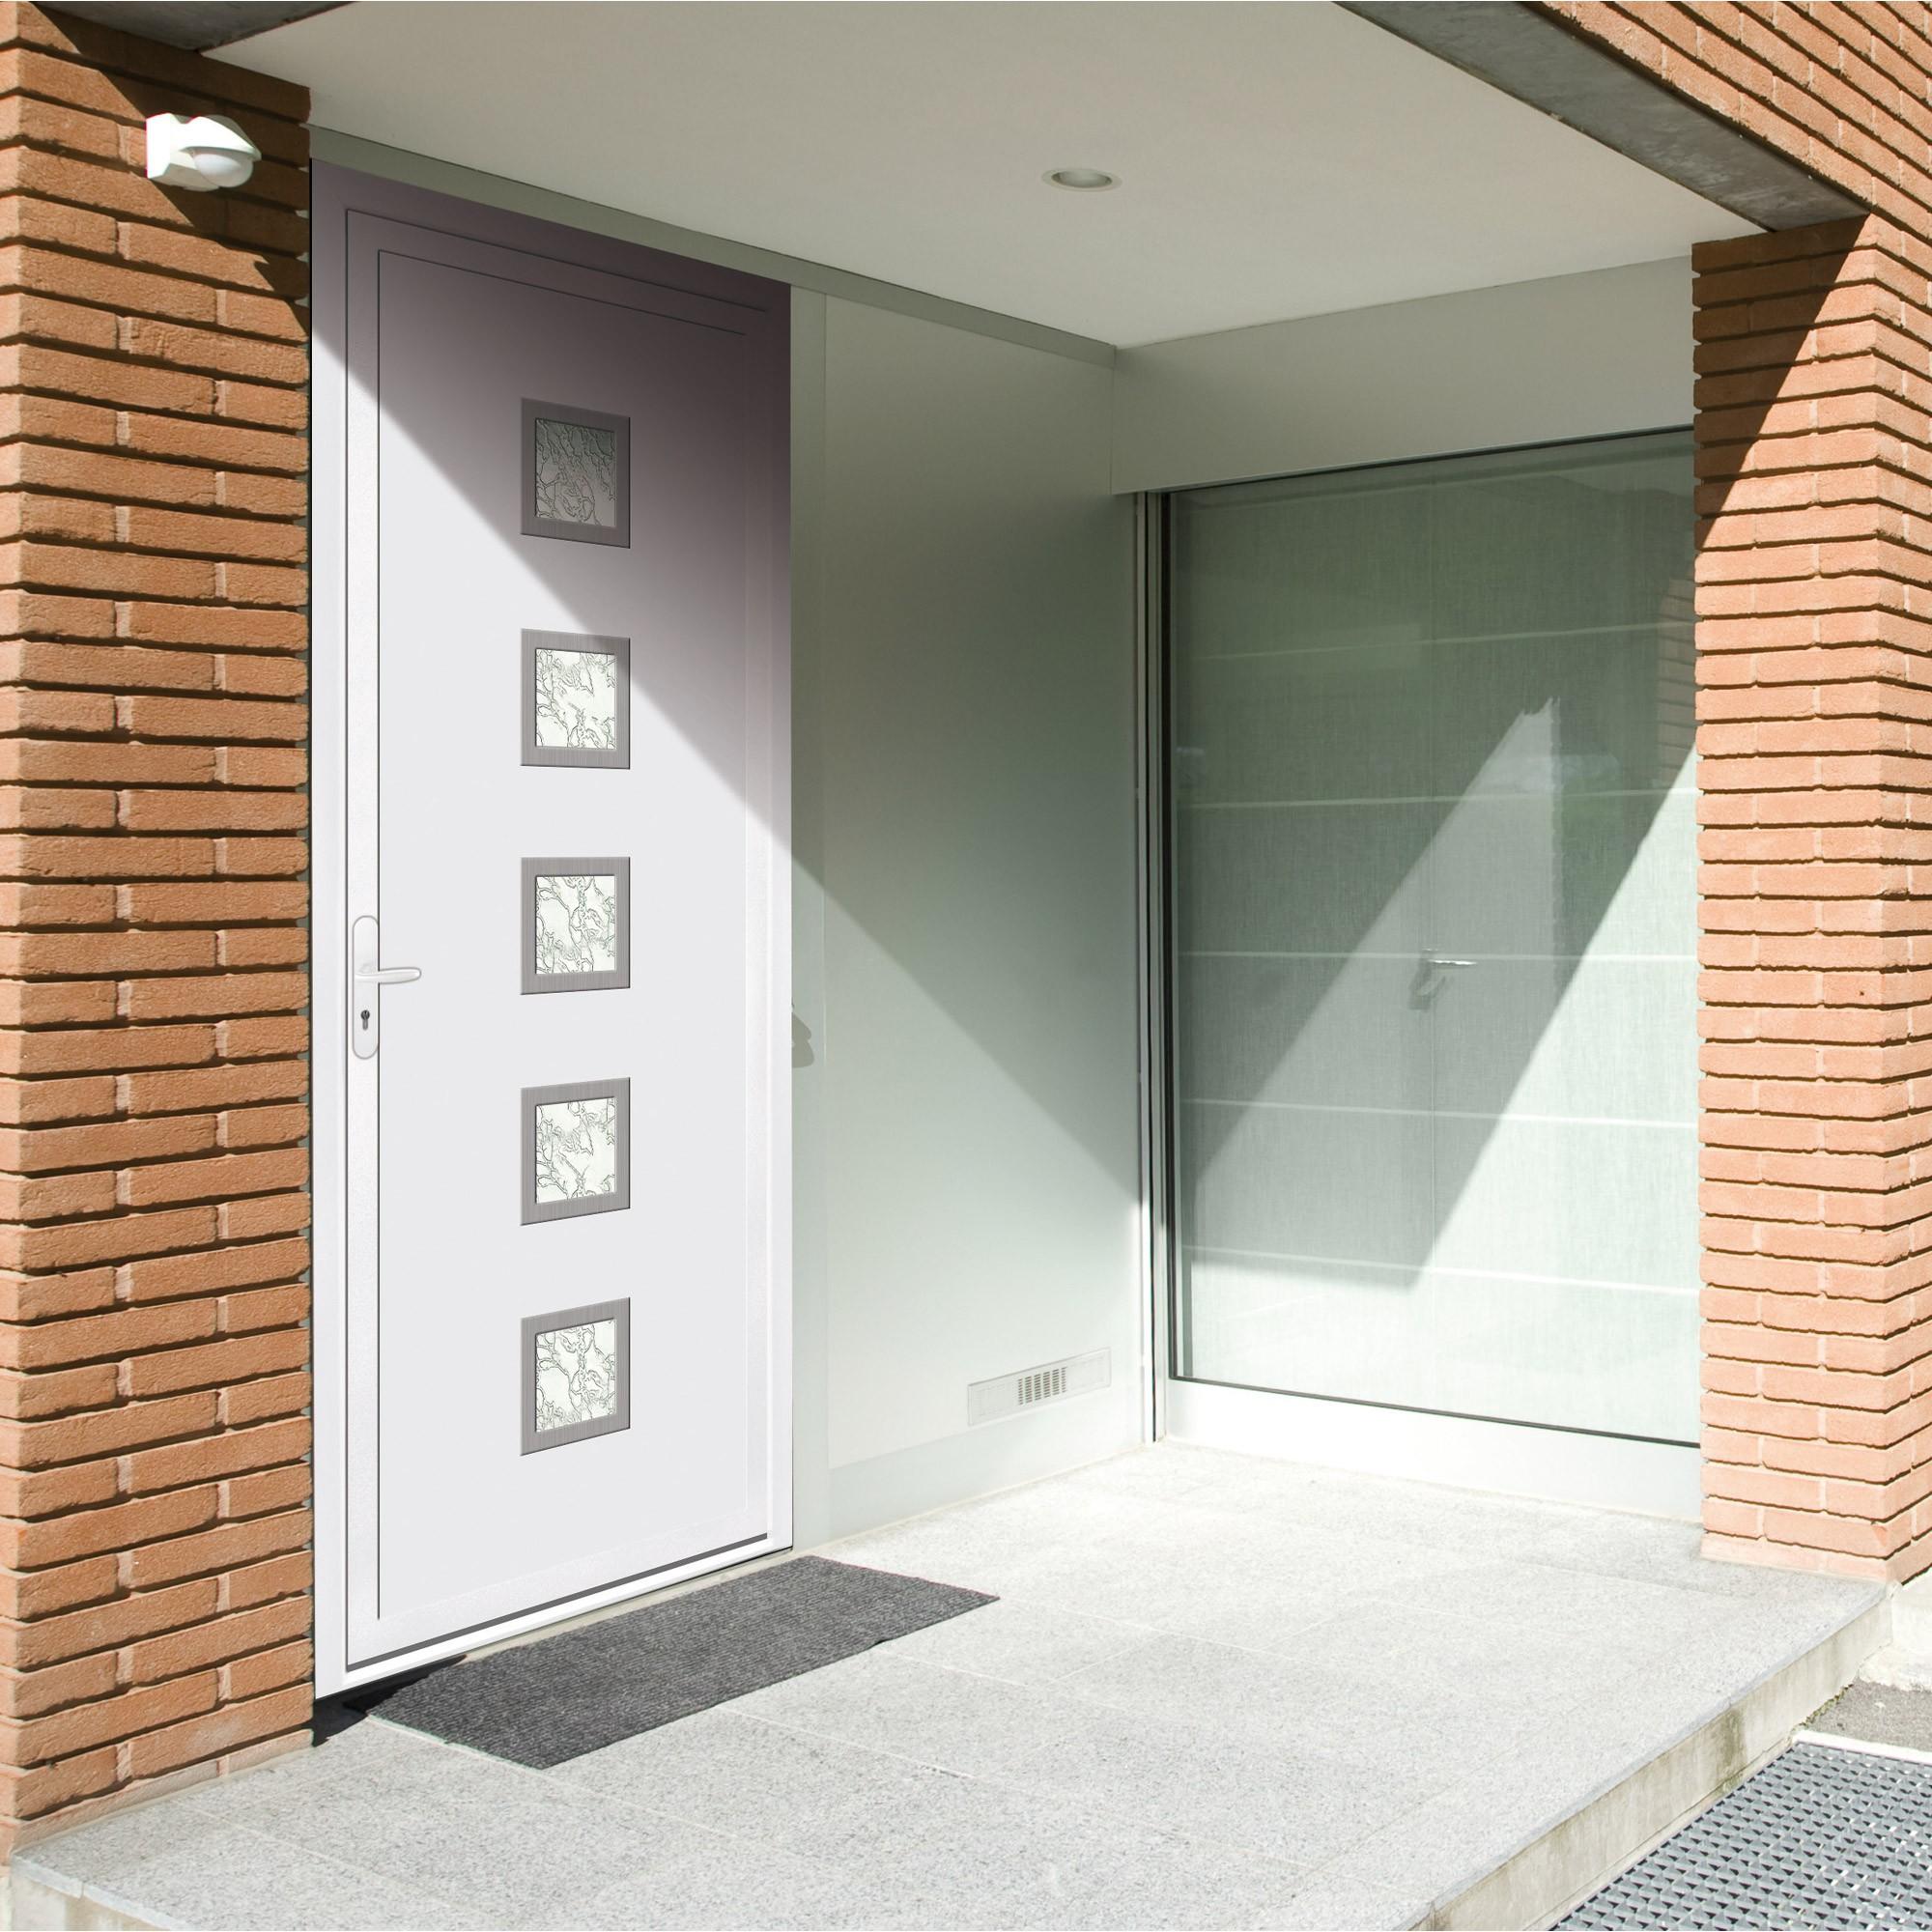 Porte d entr e pvc contemporaine franciaflex for Dormant porte d entree